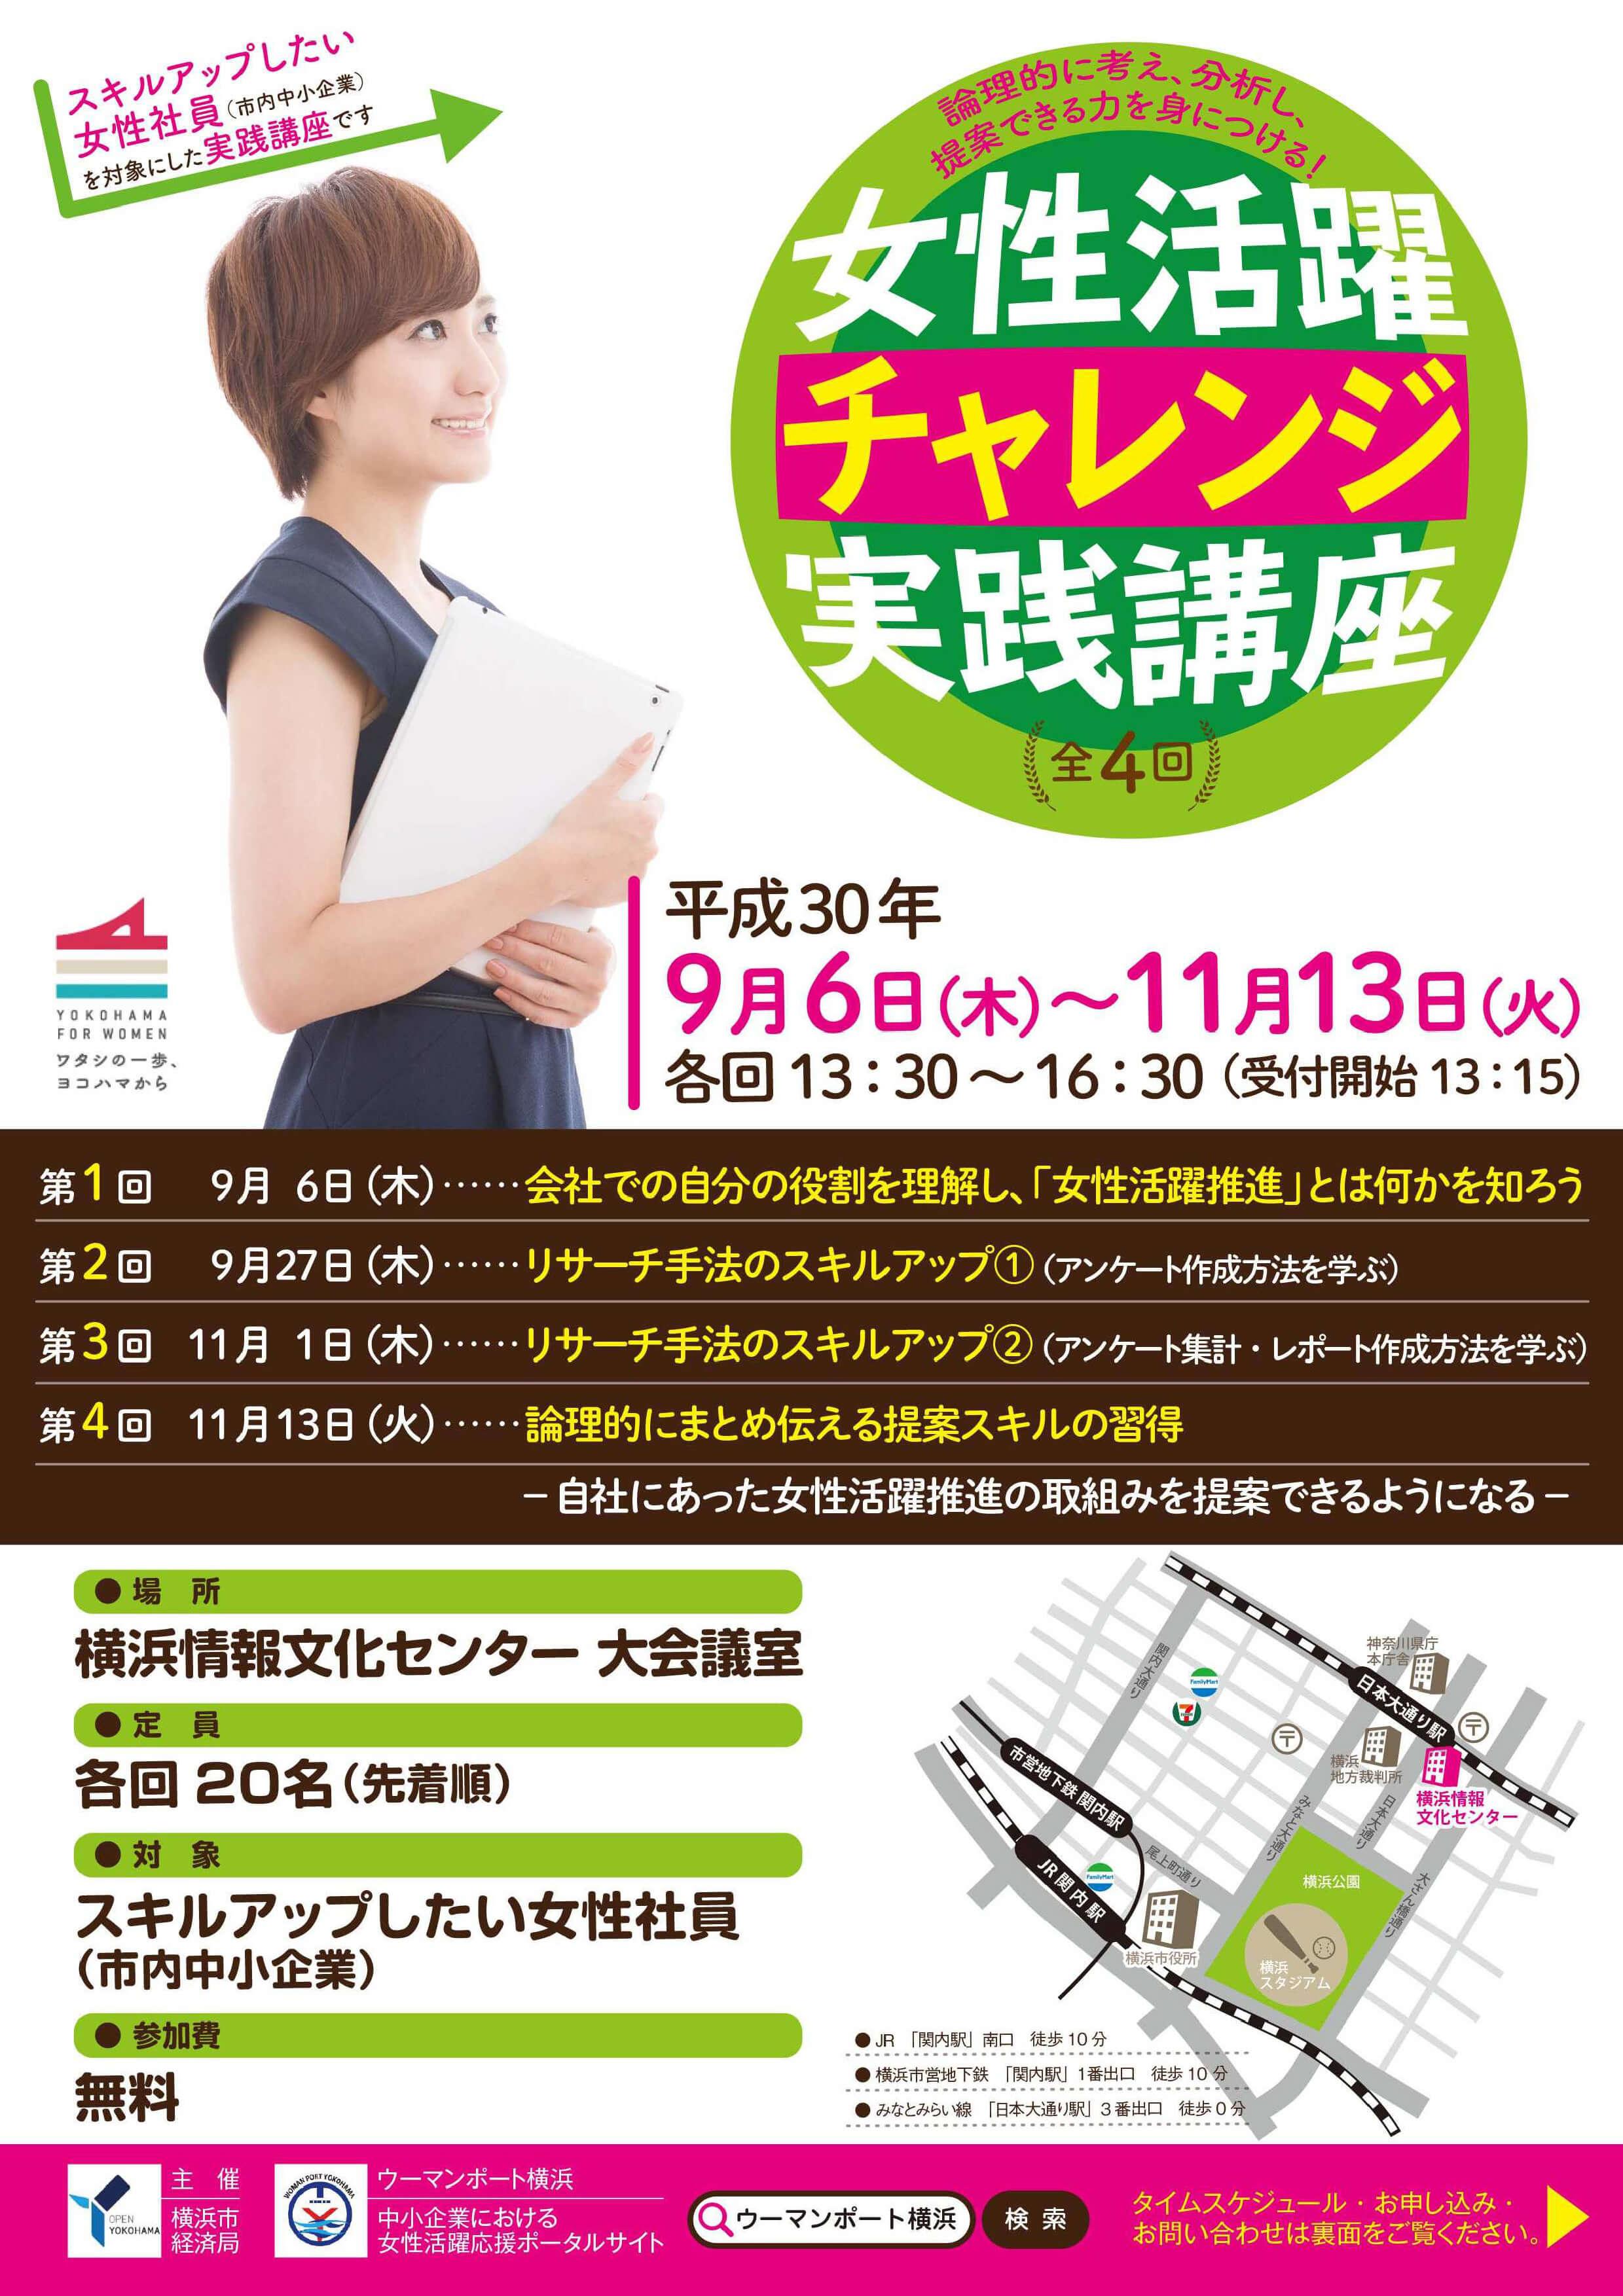 ウーマンポート横浜2018 女性活躍チャレンジ実践講座